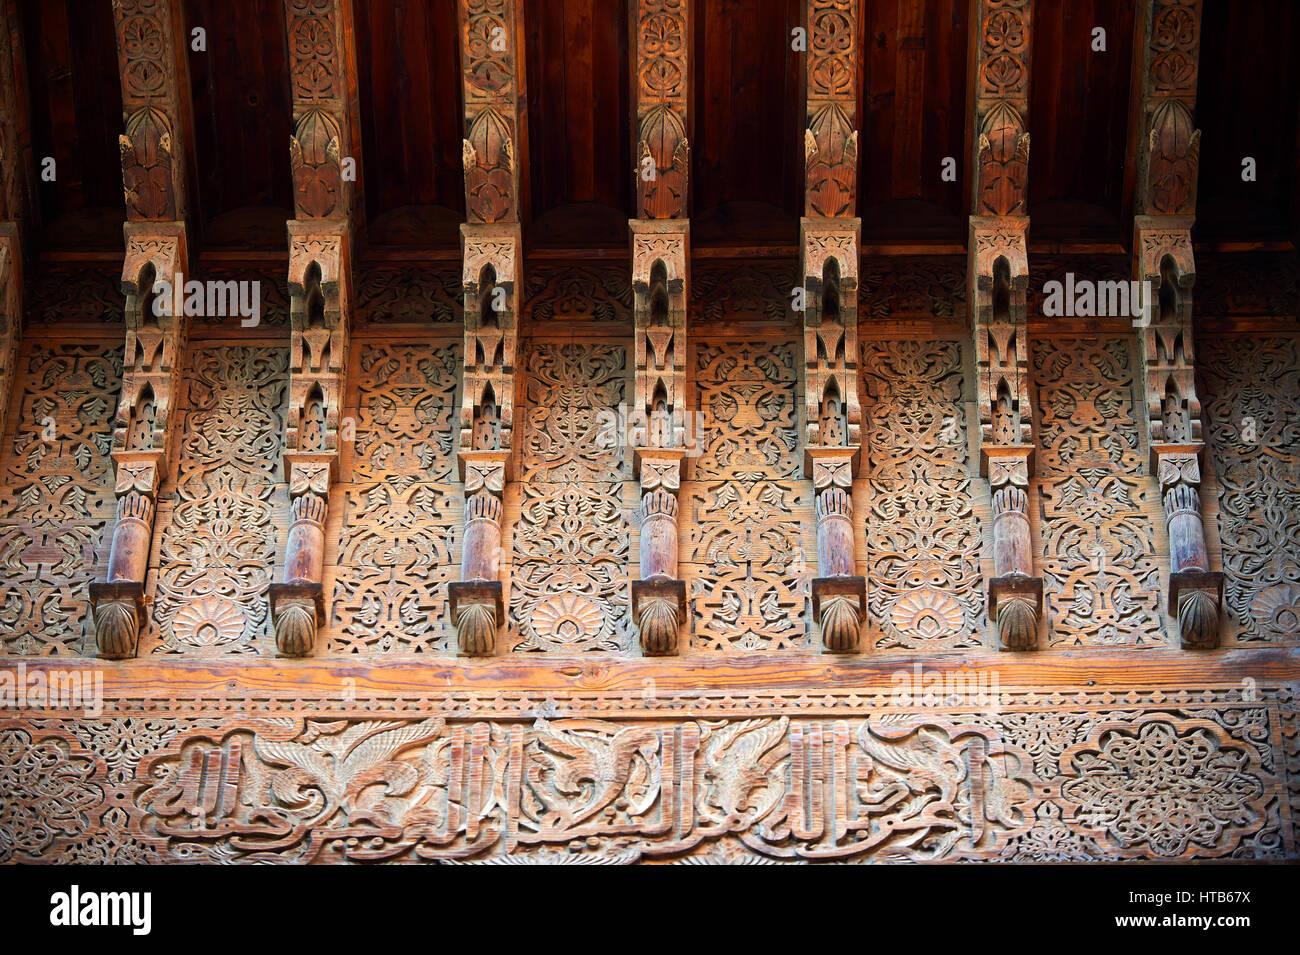 L Arabesco architettura delle Tombe Saadiane del XVI secolo mausoleo dei righelli Saadiane, Marrakech, Marocco Immagini Stock